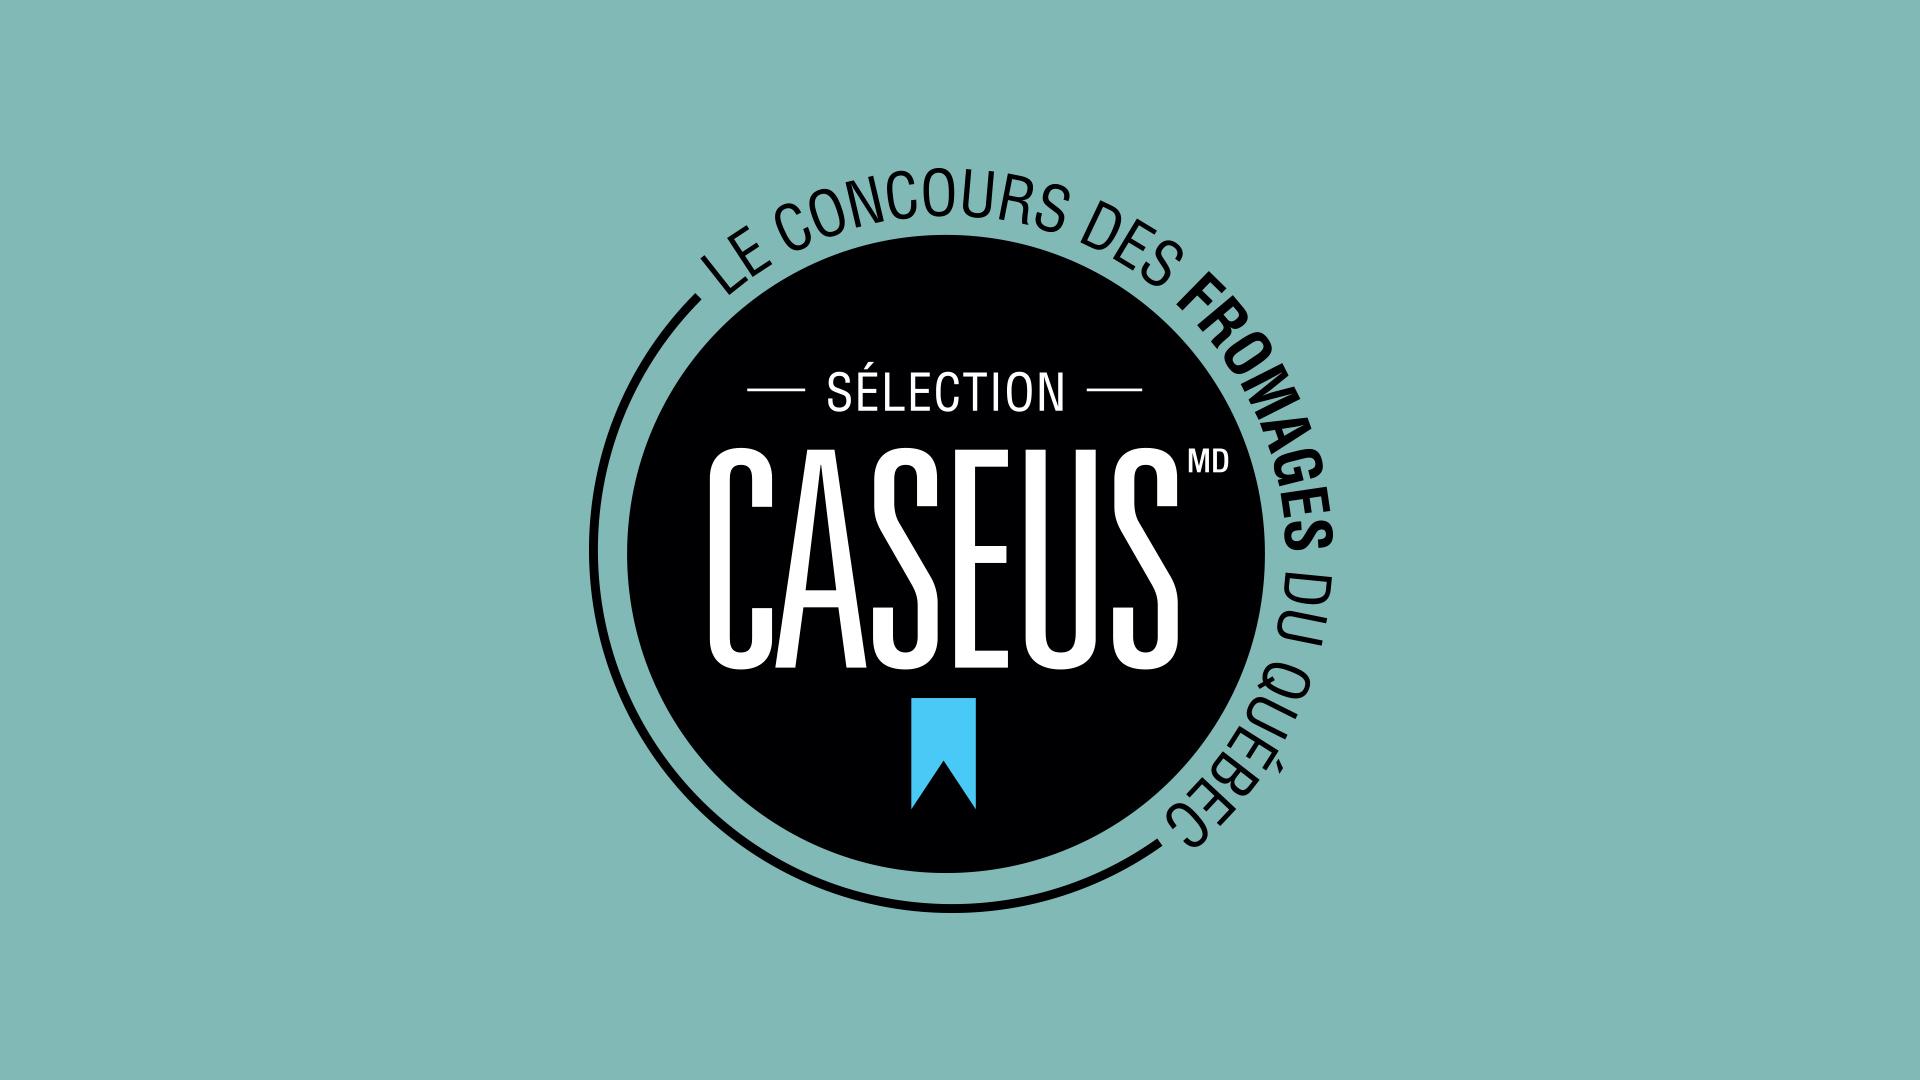 Lauréats de la 21eédition du concours sélection Caseus